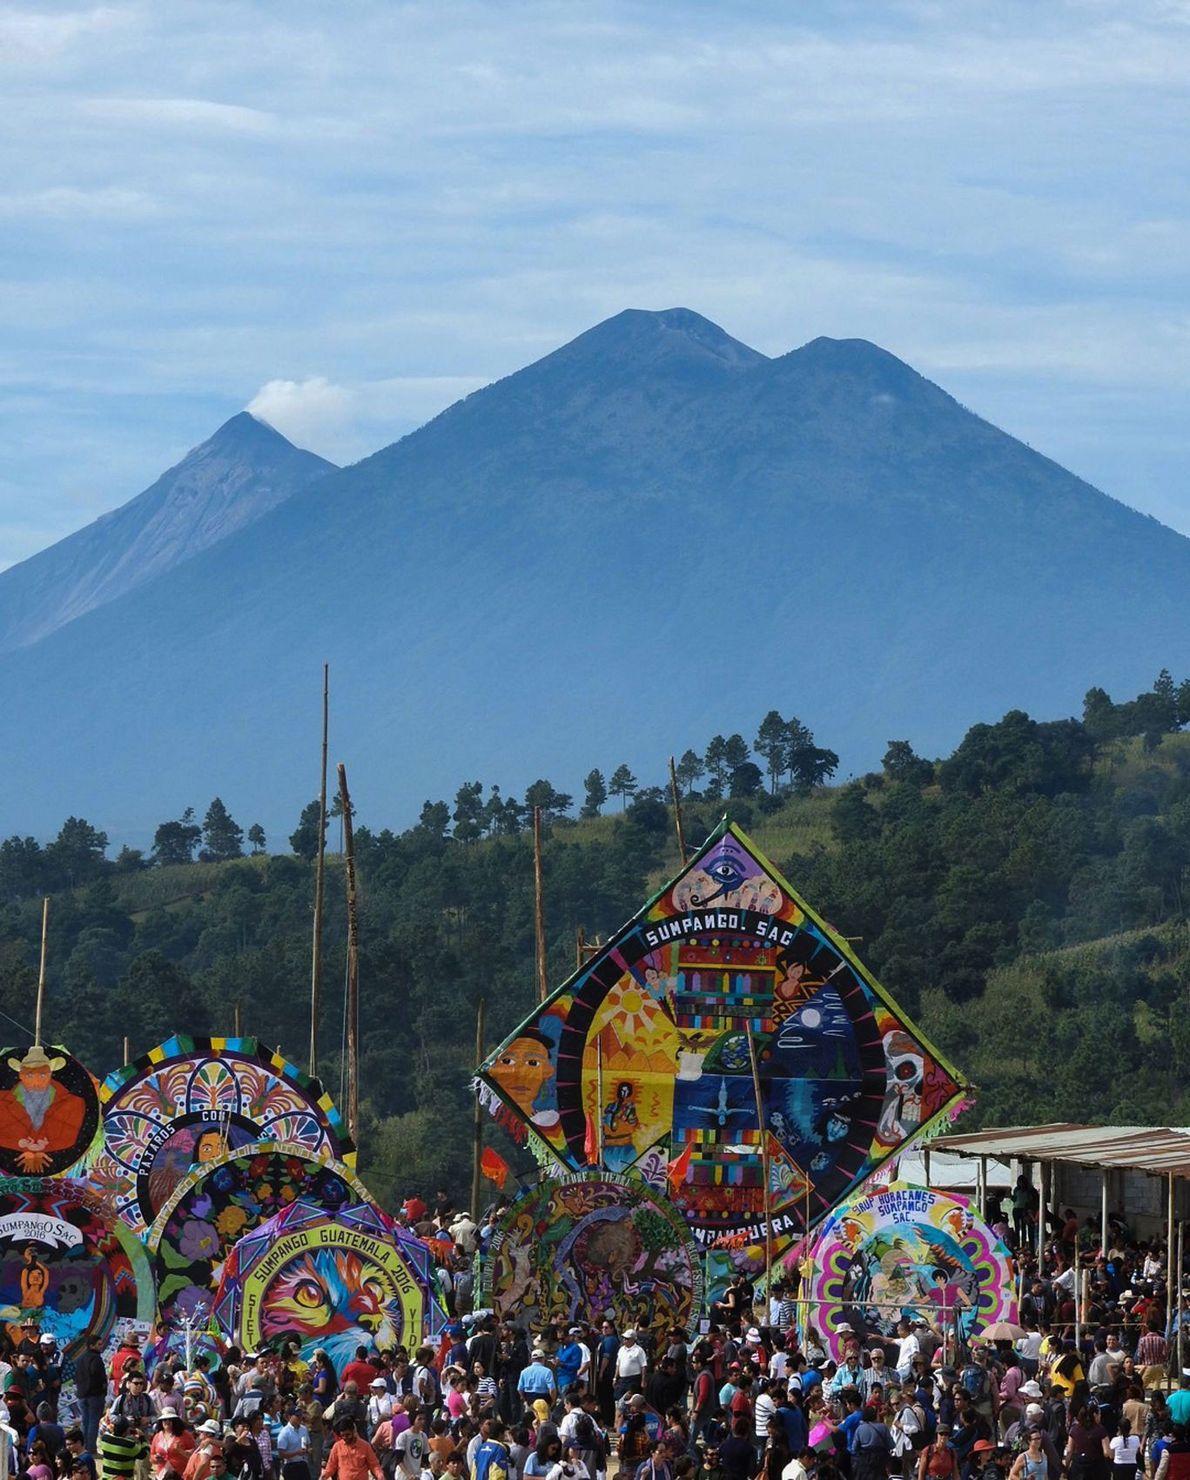 El Festival de Barriletes Gigantes de Sumpango se celebra en el Volcán de Fuego, un volcán ...